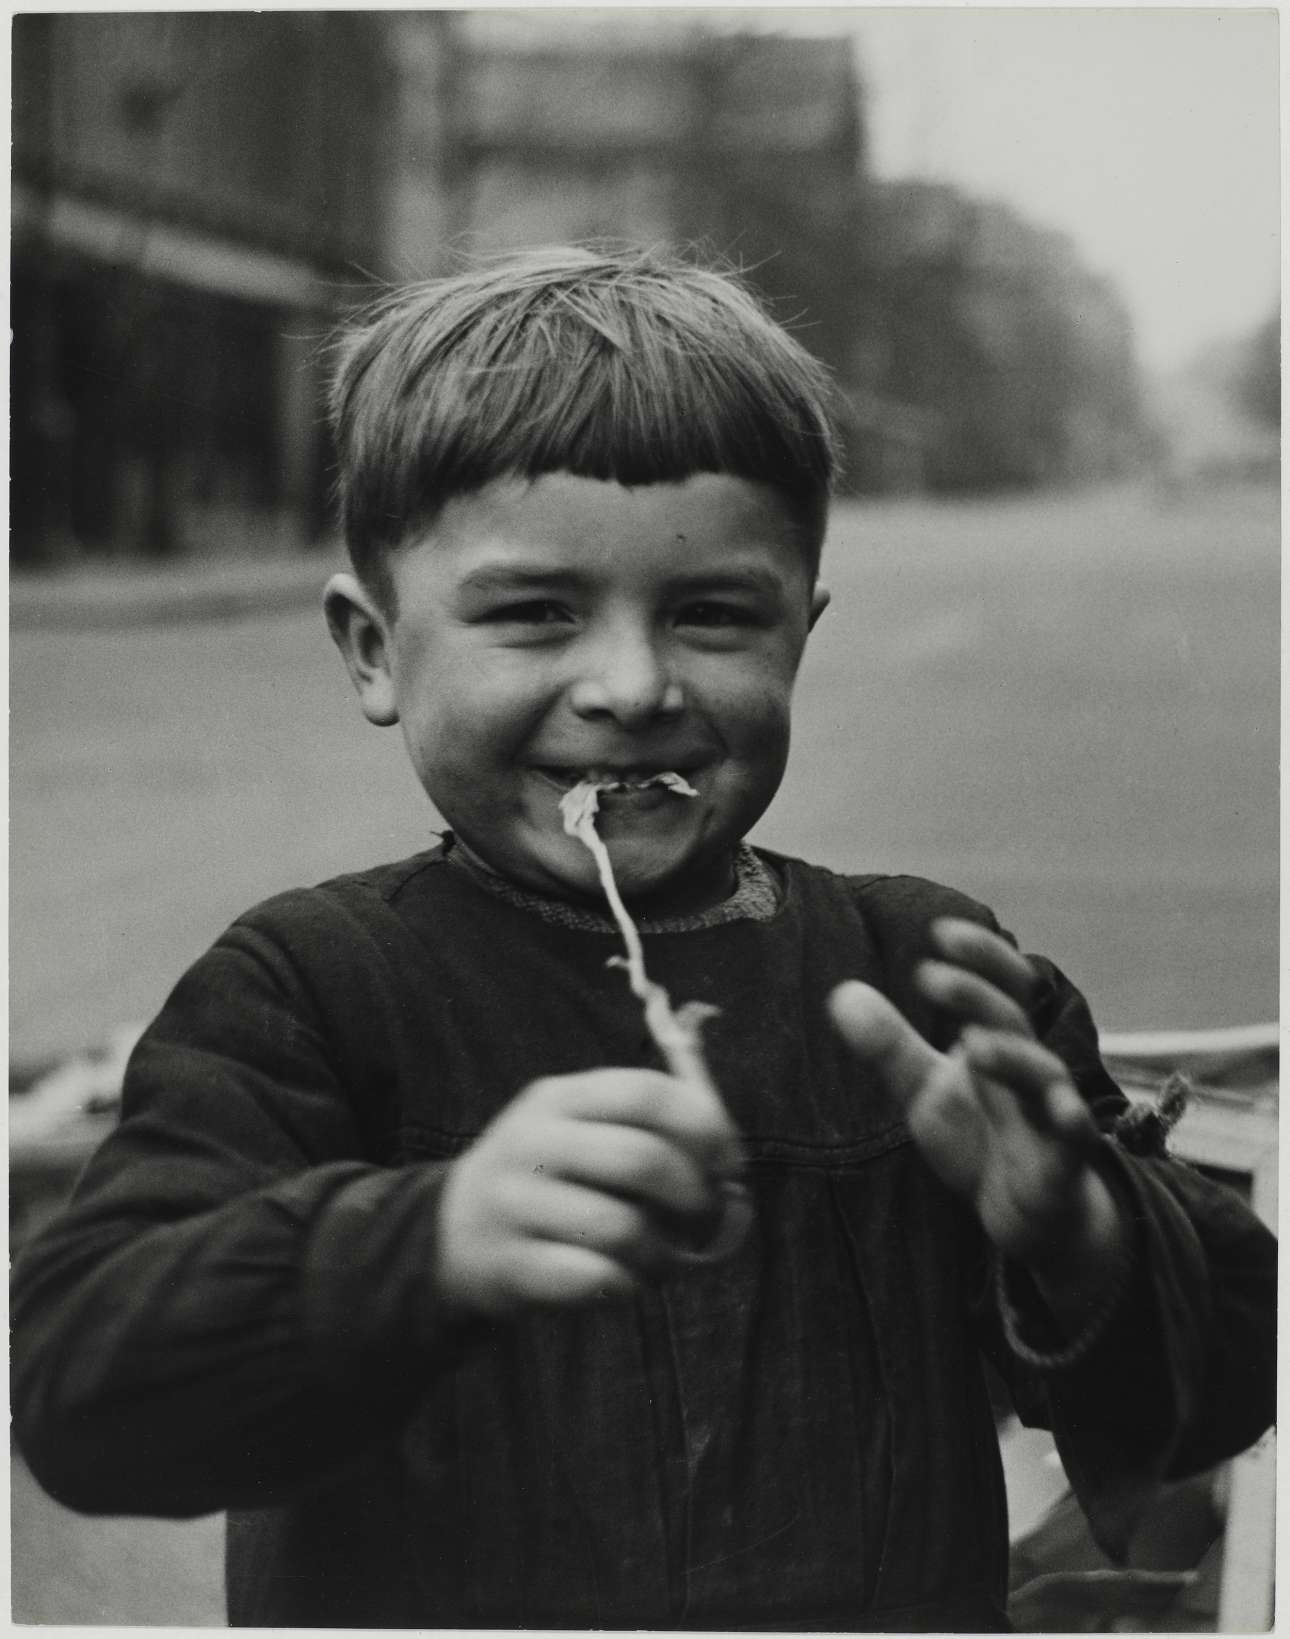 Ενα χαριτωνένο και παιχνιδιάρικο παιδί, Παρίσι, 1952. Η Βάις είχε την ικανότητα να αναπτύσει γρήγορα οικειότητα με όσους φωτογράφιζε, κυρίως με τα παιδιά